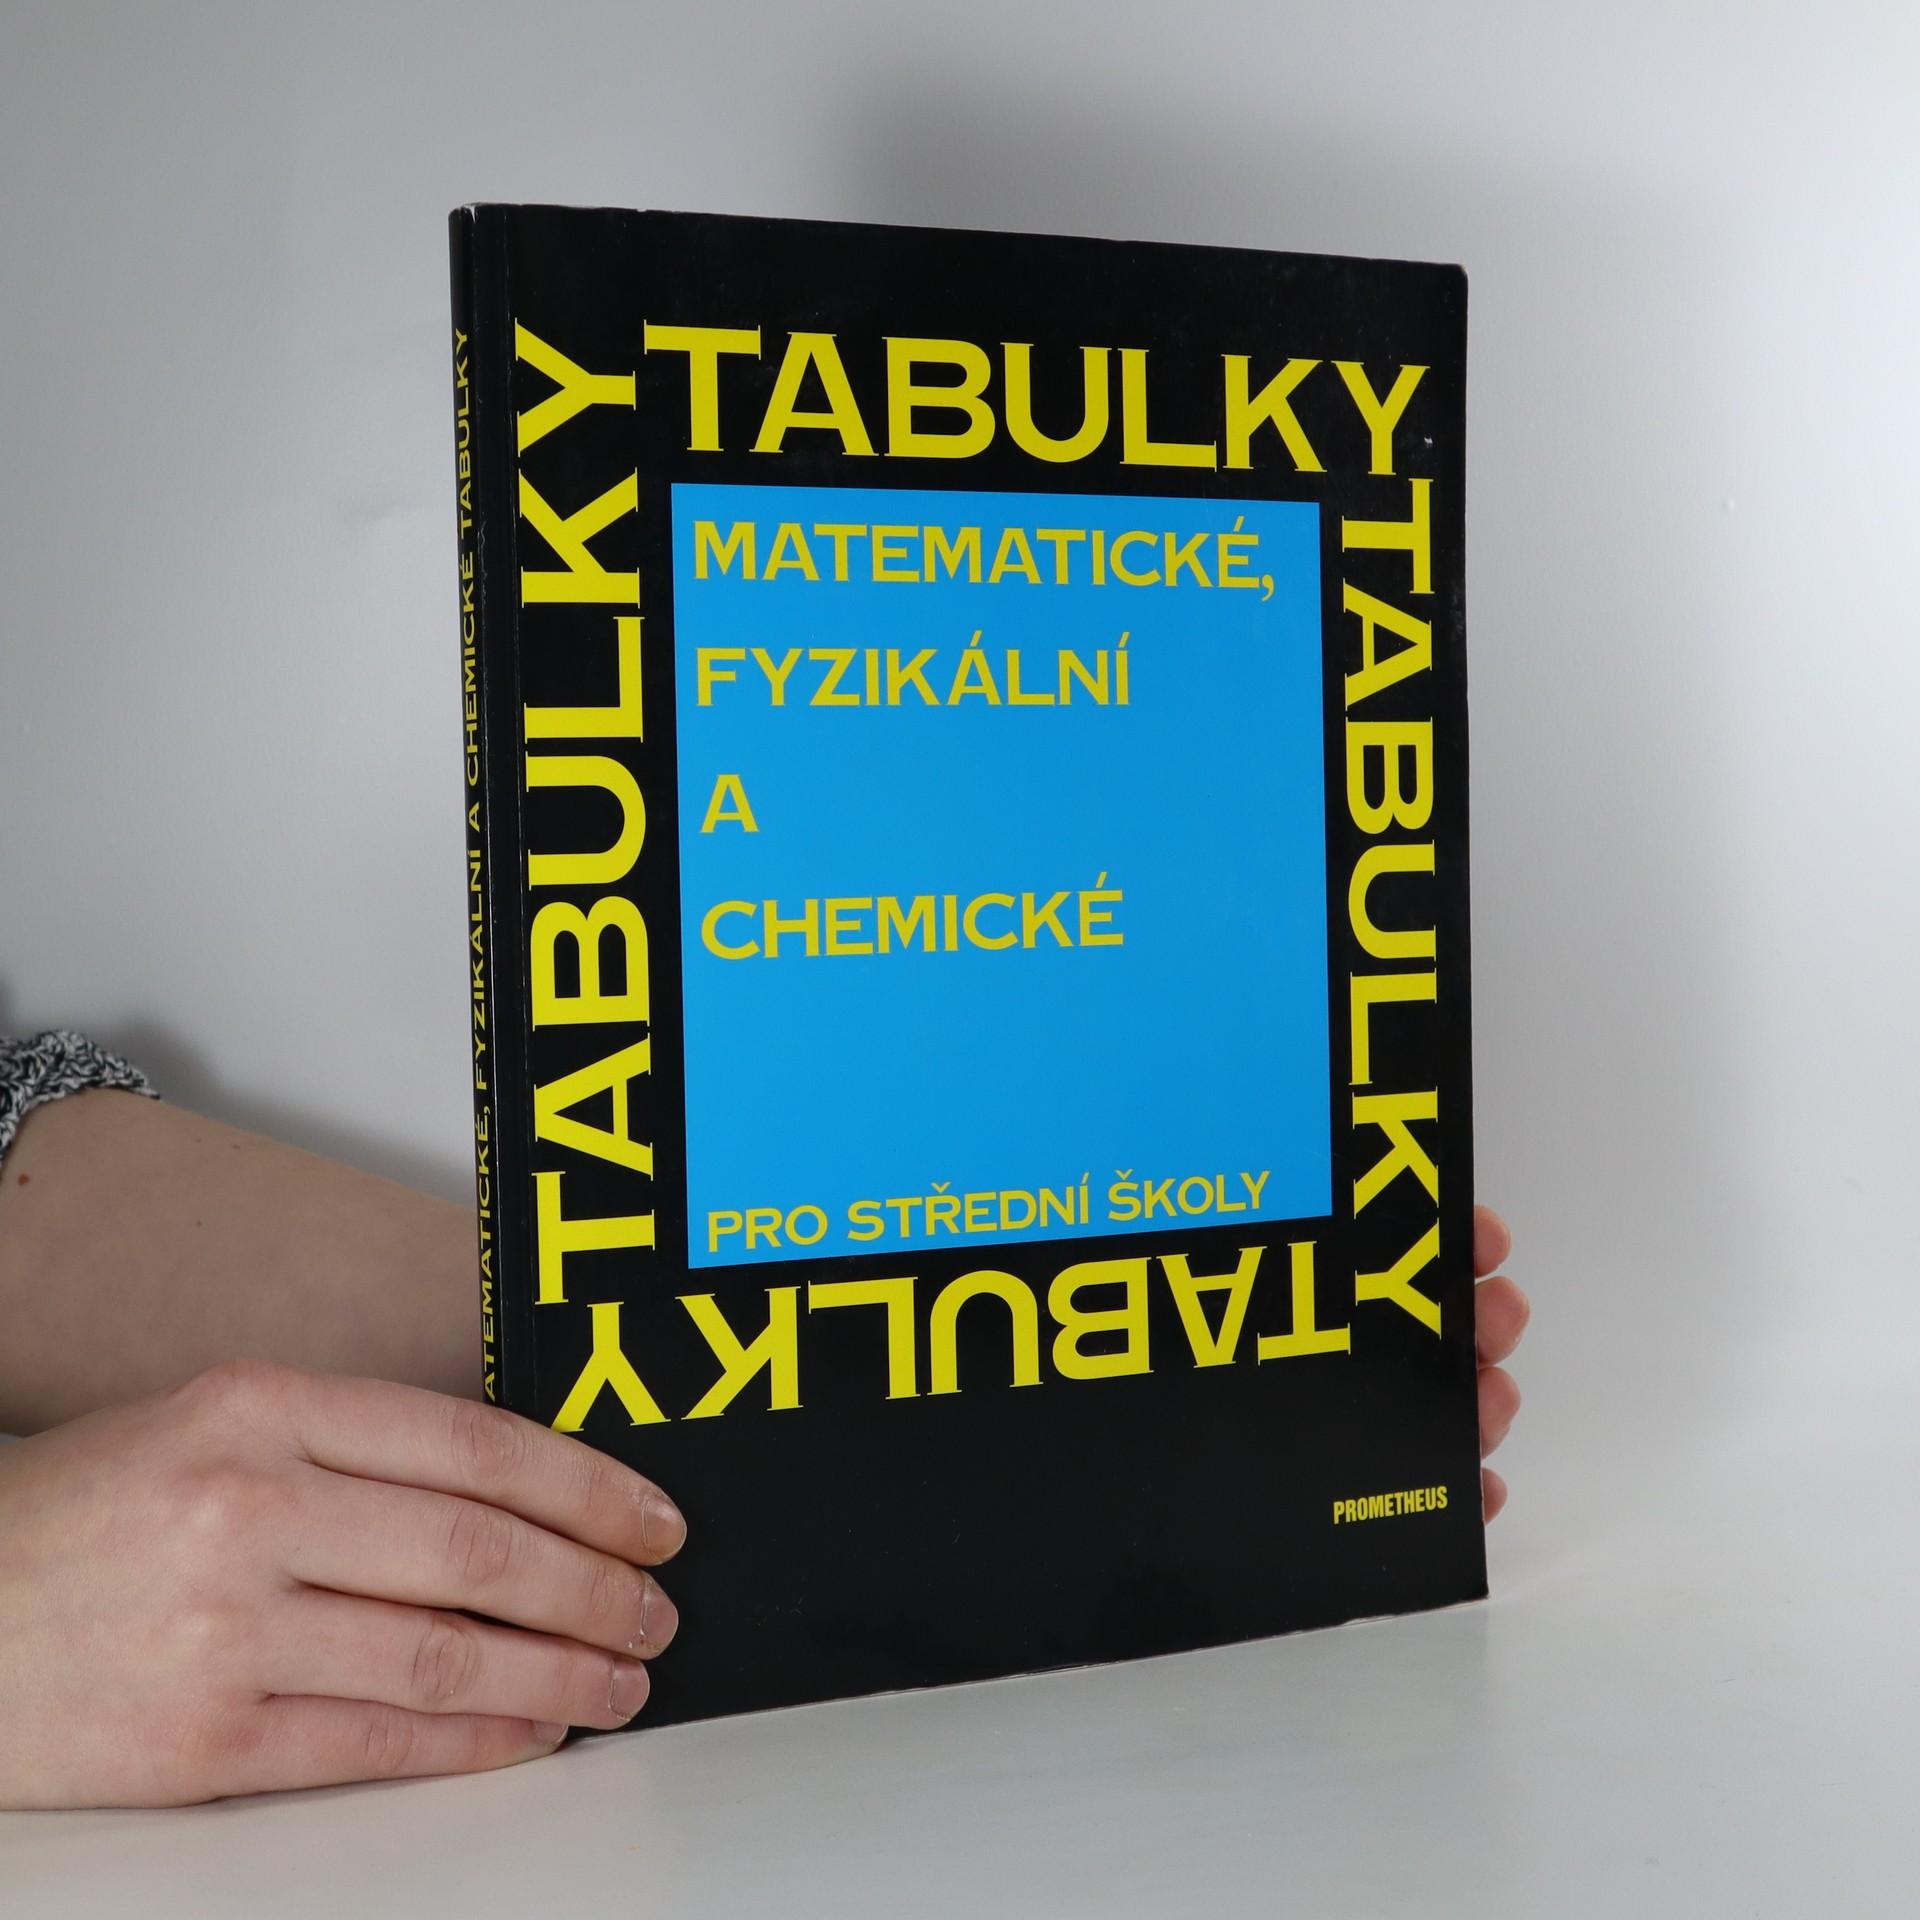 antikvární kniha Matematické, fyzikální a chemické tabulky. Pro střední školy, neuveden